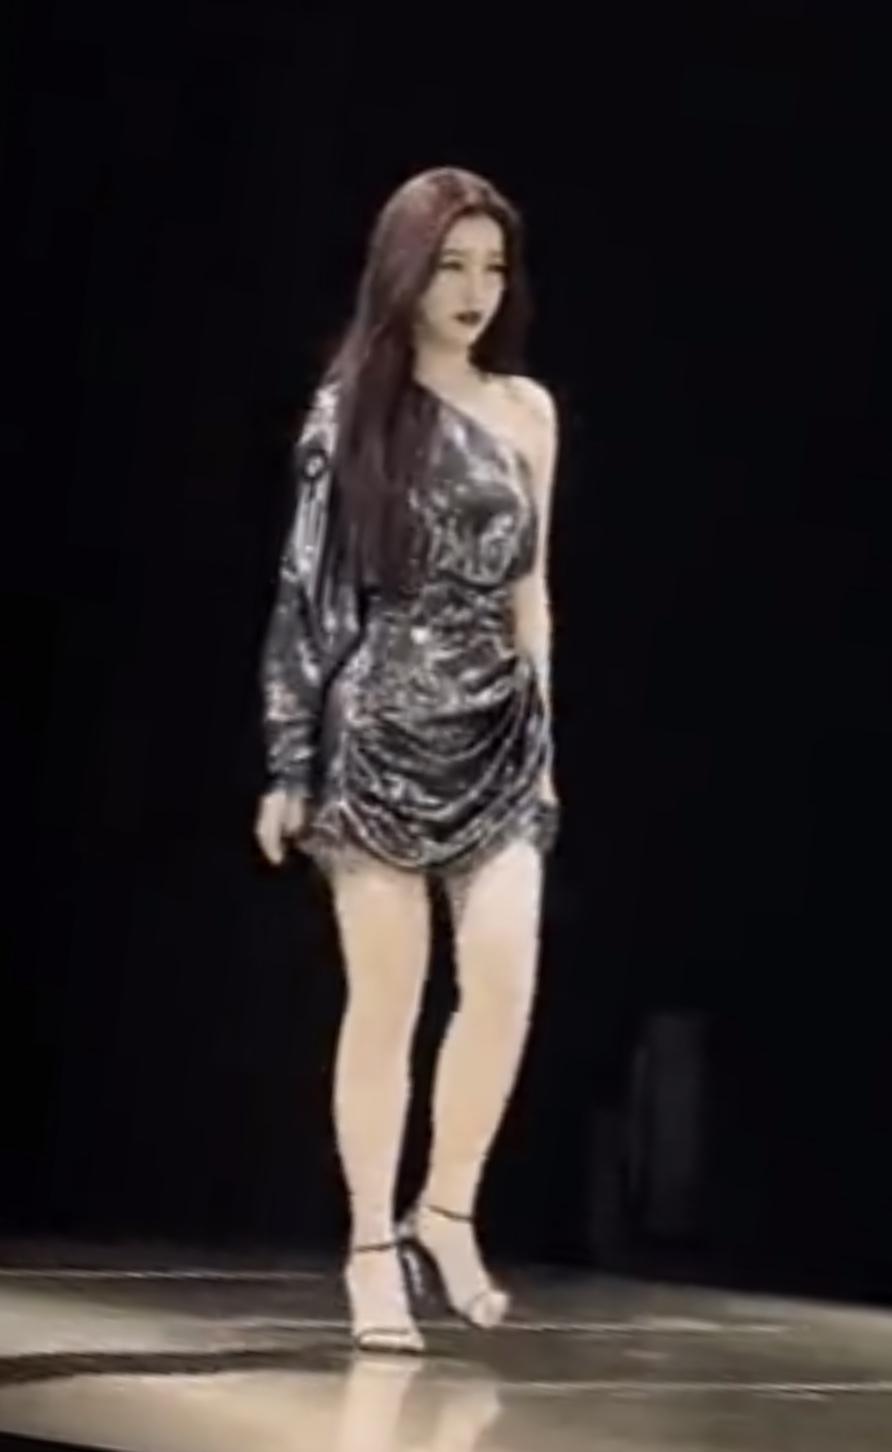 路人镜头拍虞书欣走秀,腿短好虐不像女明星,直接被女主持秒杀